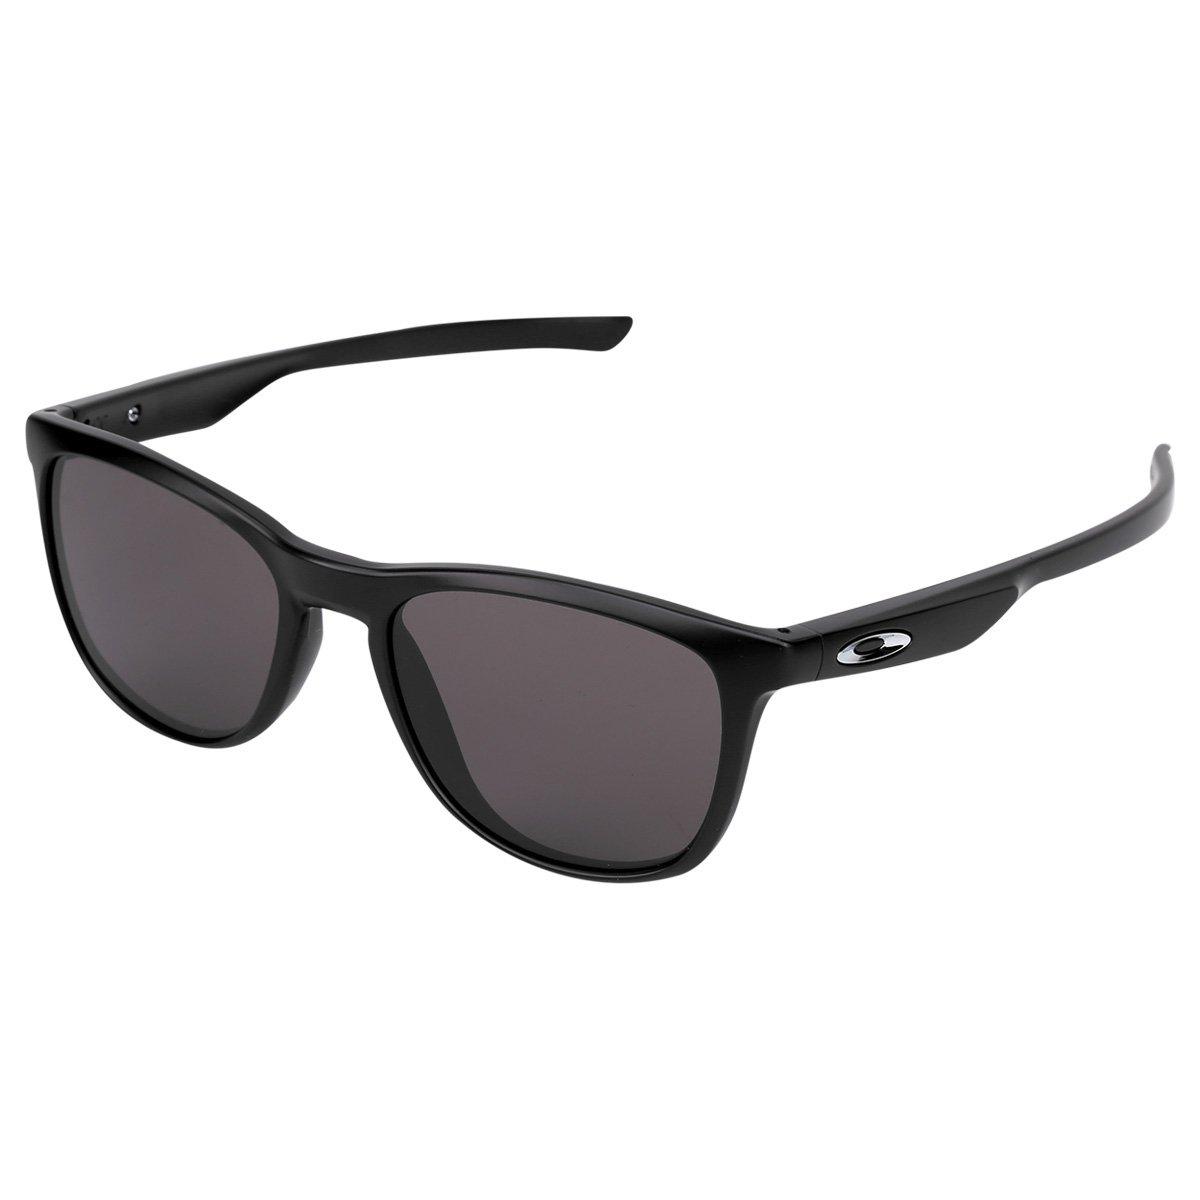 ca475a33893ea Óculos de Sol Oakley Trillbe X Masculino   Livelo -Sua Vida com Mais ...